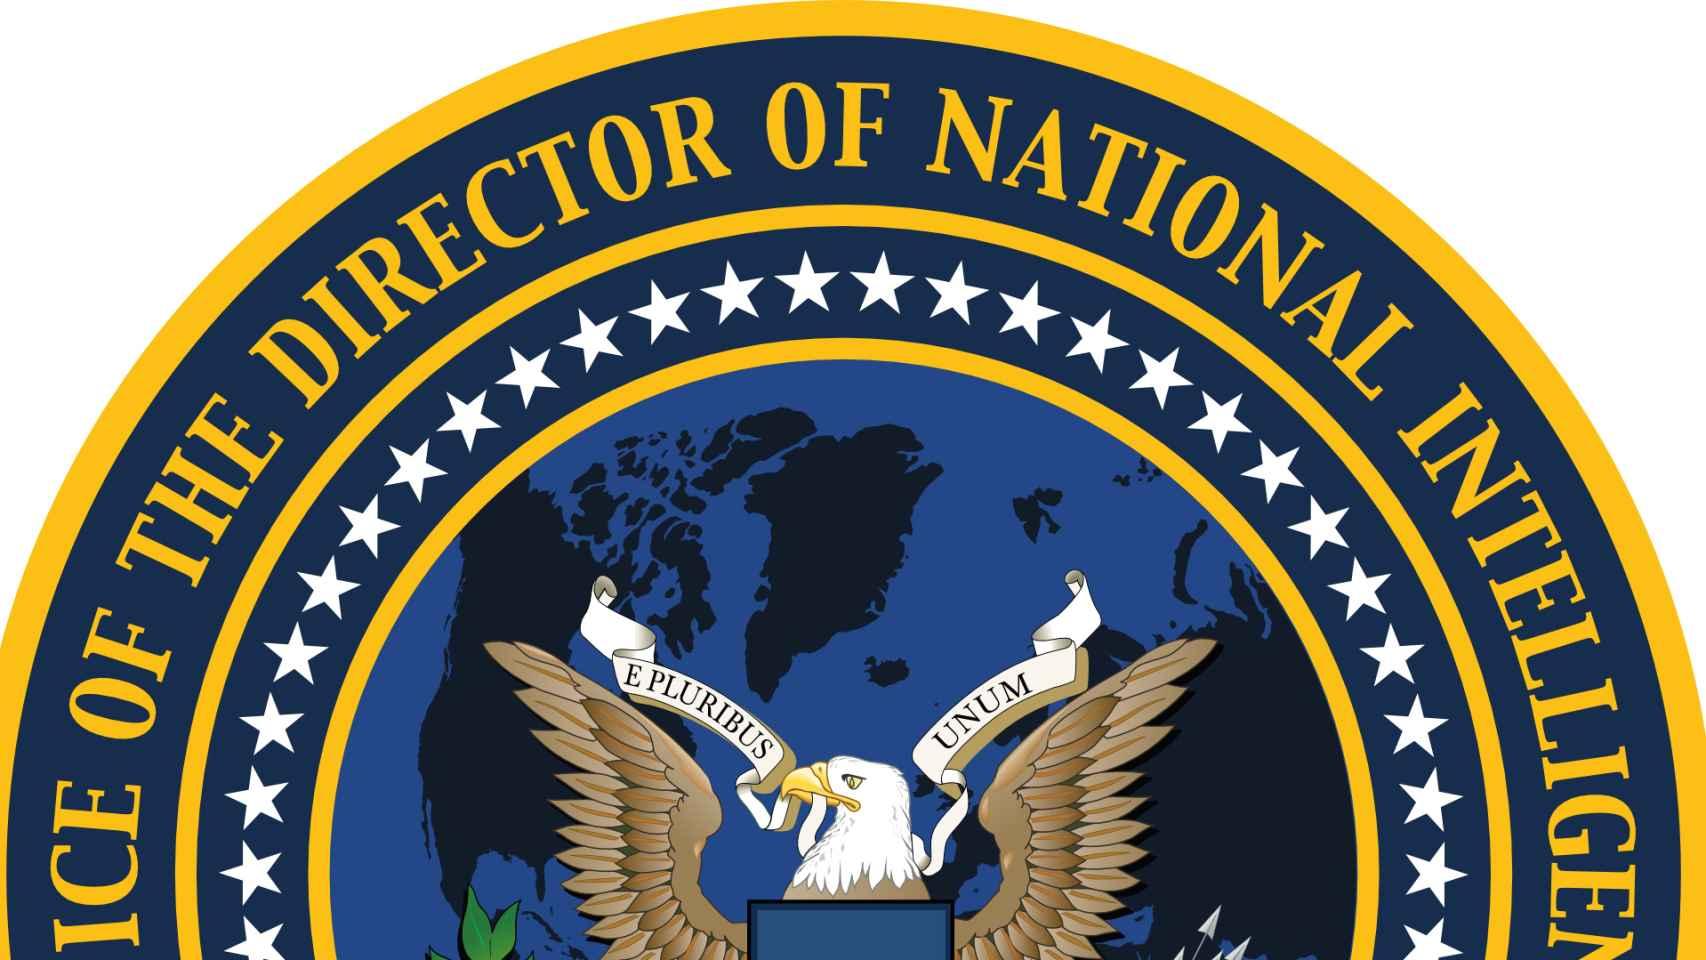 El logo del organismo estadounidense.